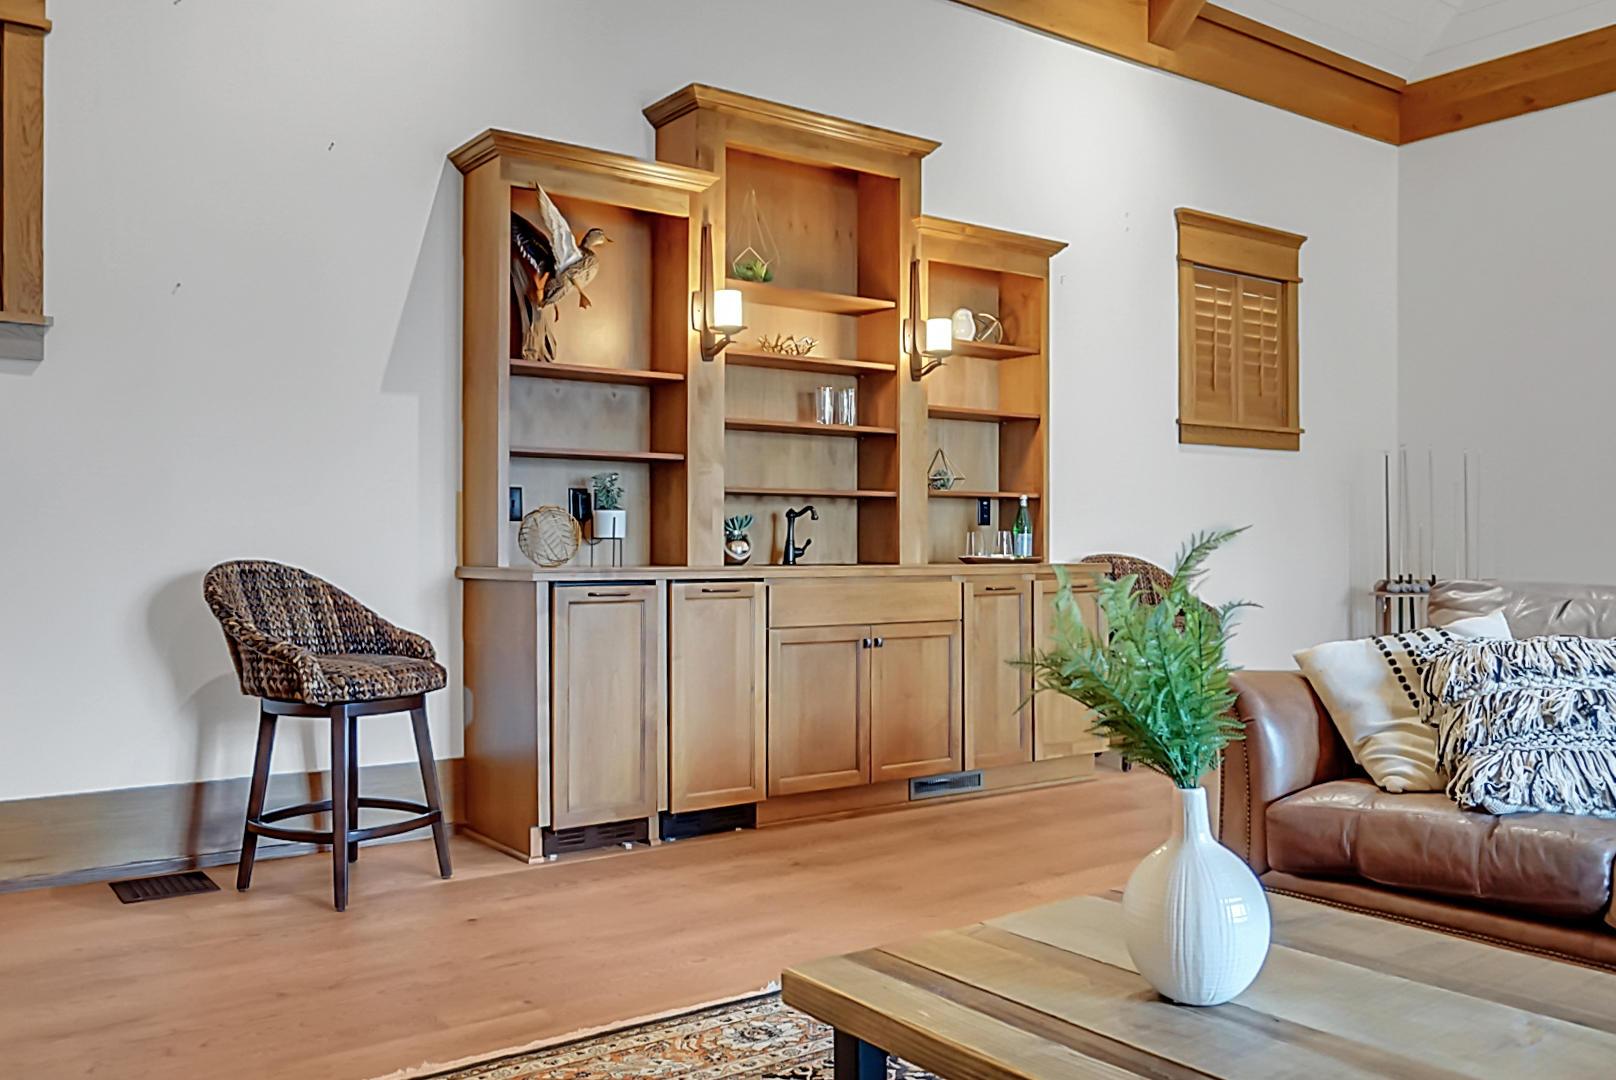 Dunes West Homes For Sale - 2978 River Vista, Mount Pleasant, SC - 14